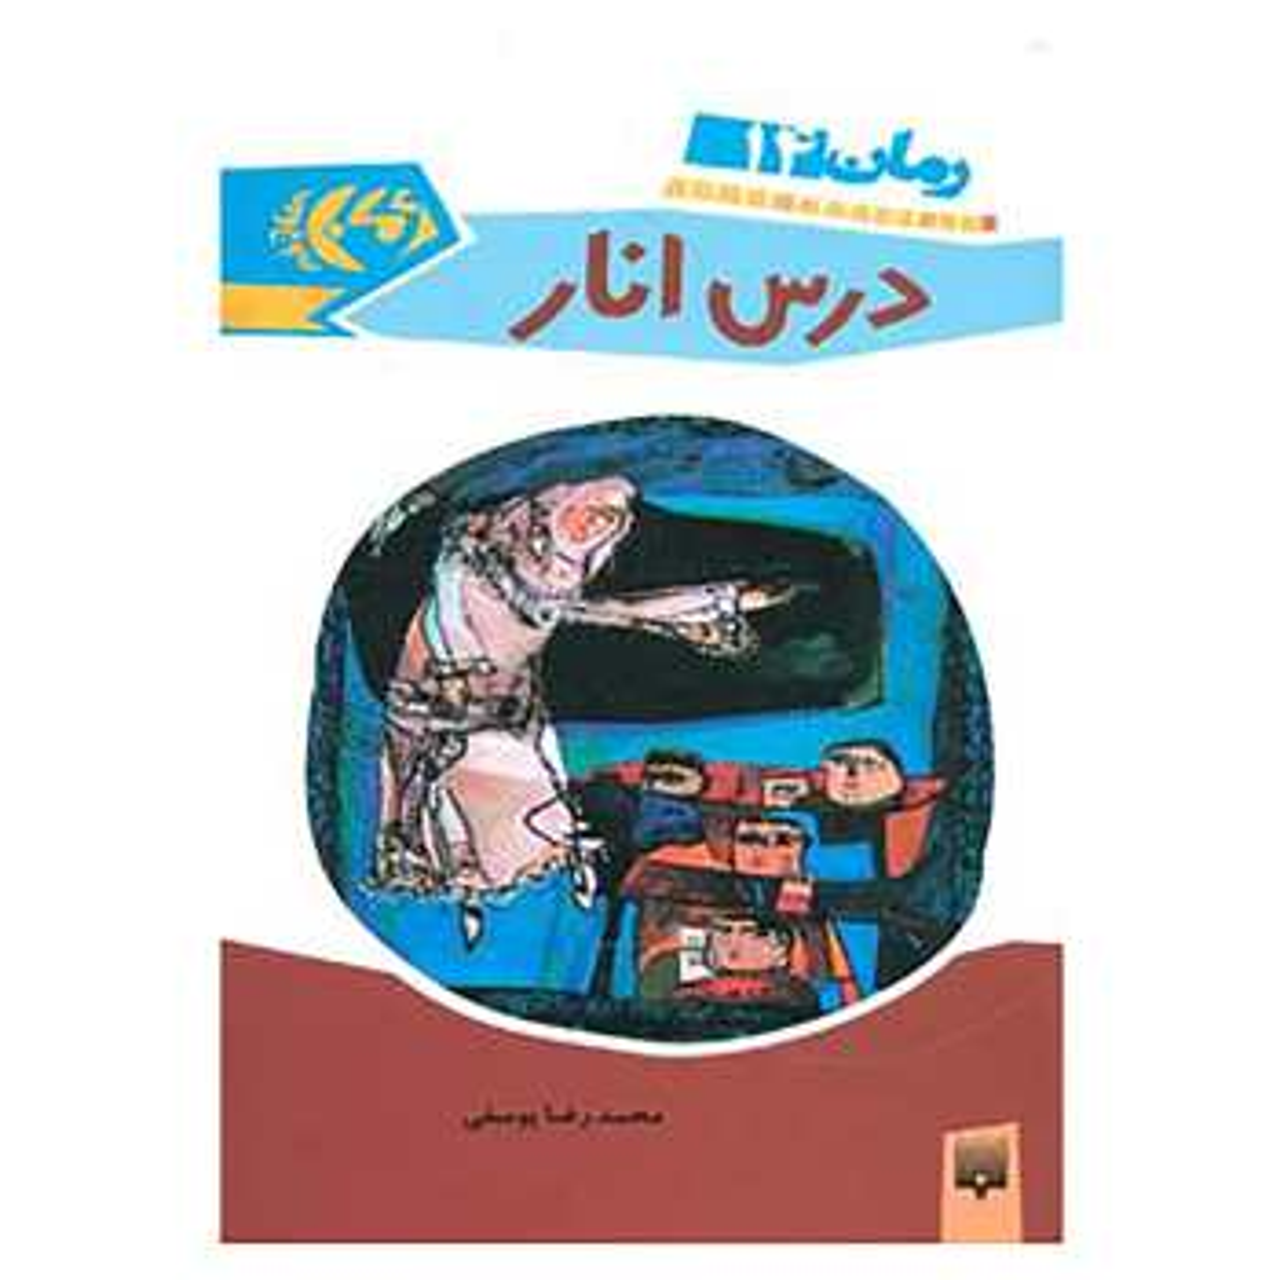 کتاب رمان نوجوان14 اثر محمدرضا یوسفی